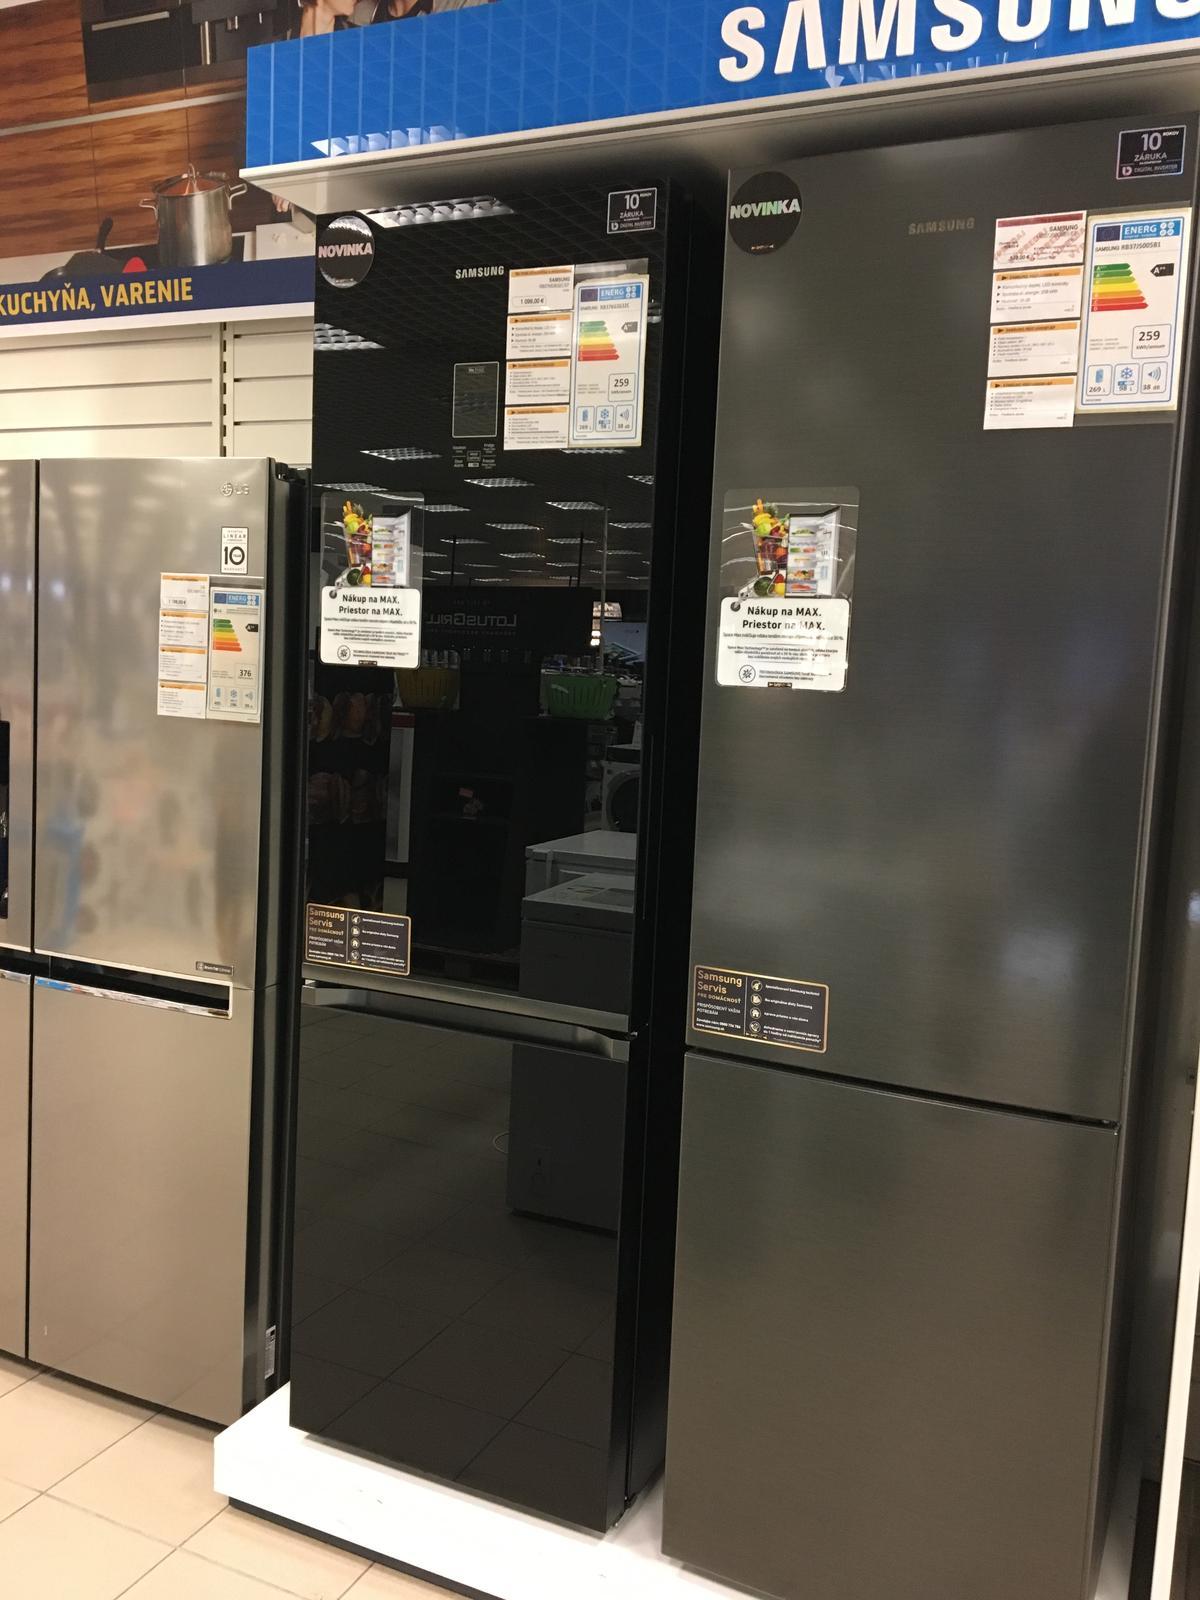 Z tejto chladničky nemôžem ... - Obrázok č. 1